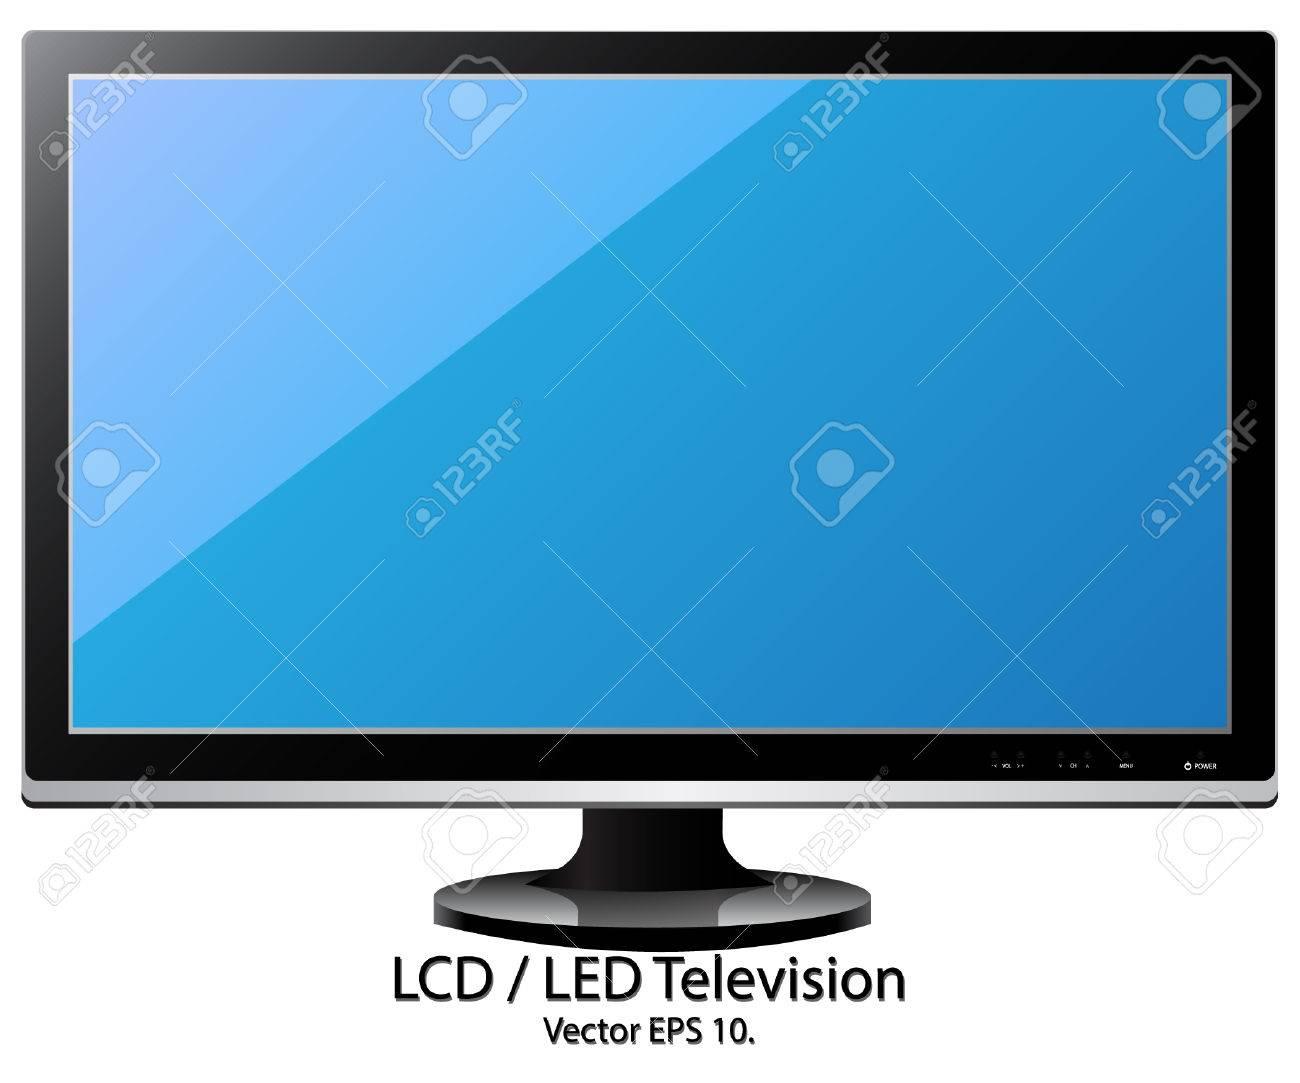 led 液晶テレビ ベクトル イラスト、eps 10 ロイヤリティフリークリップ